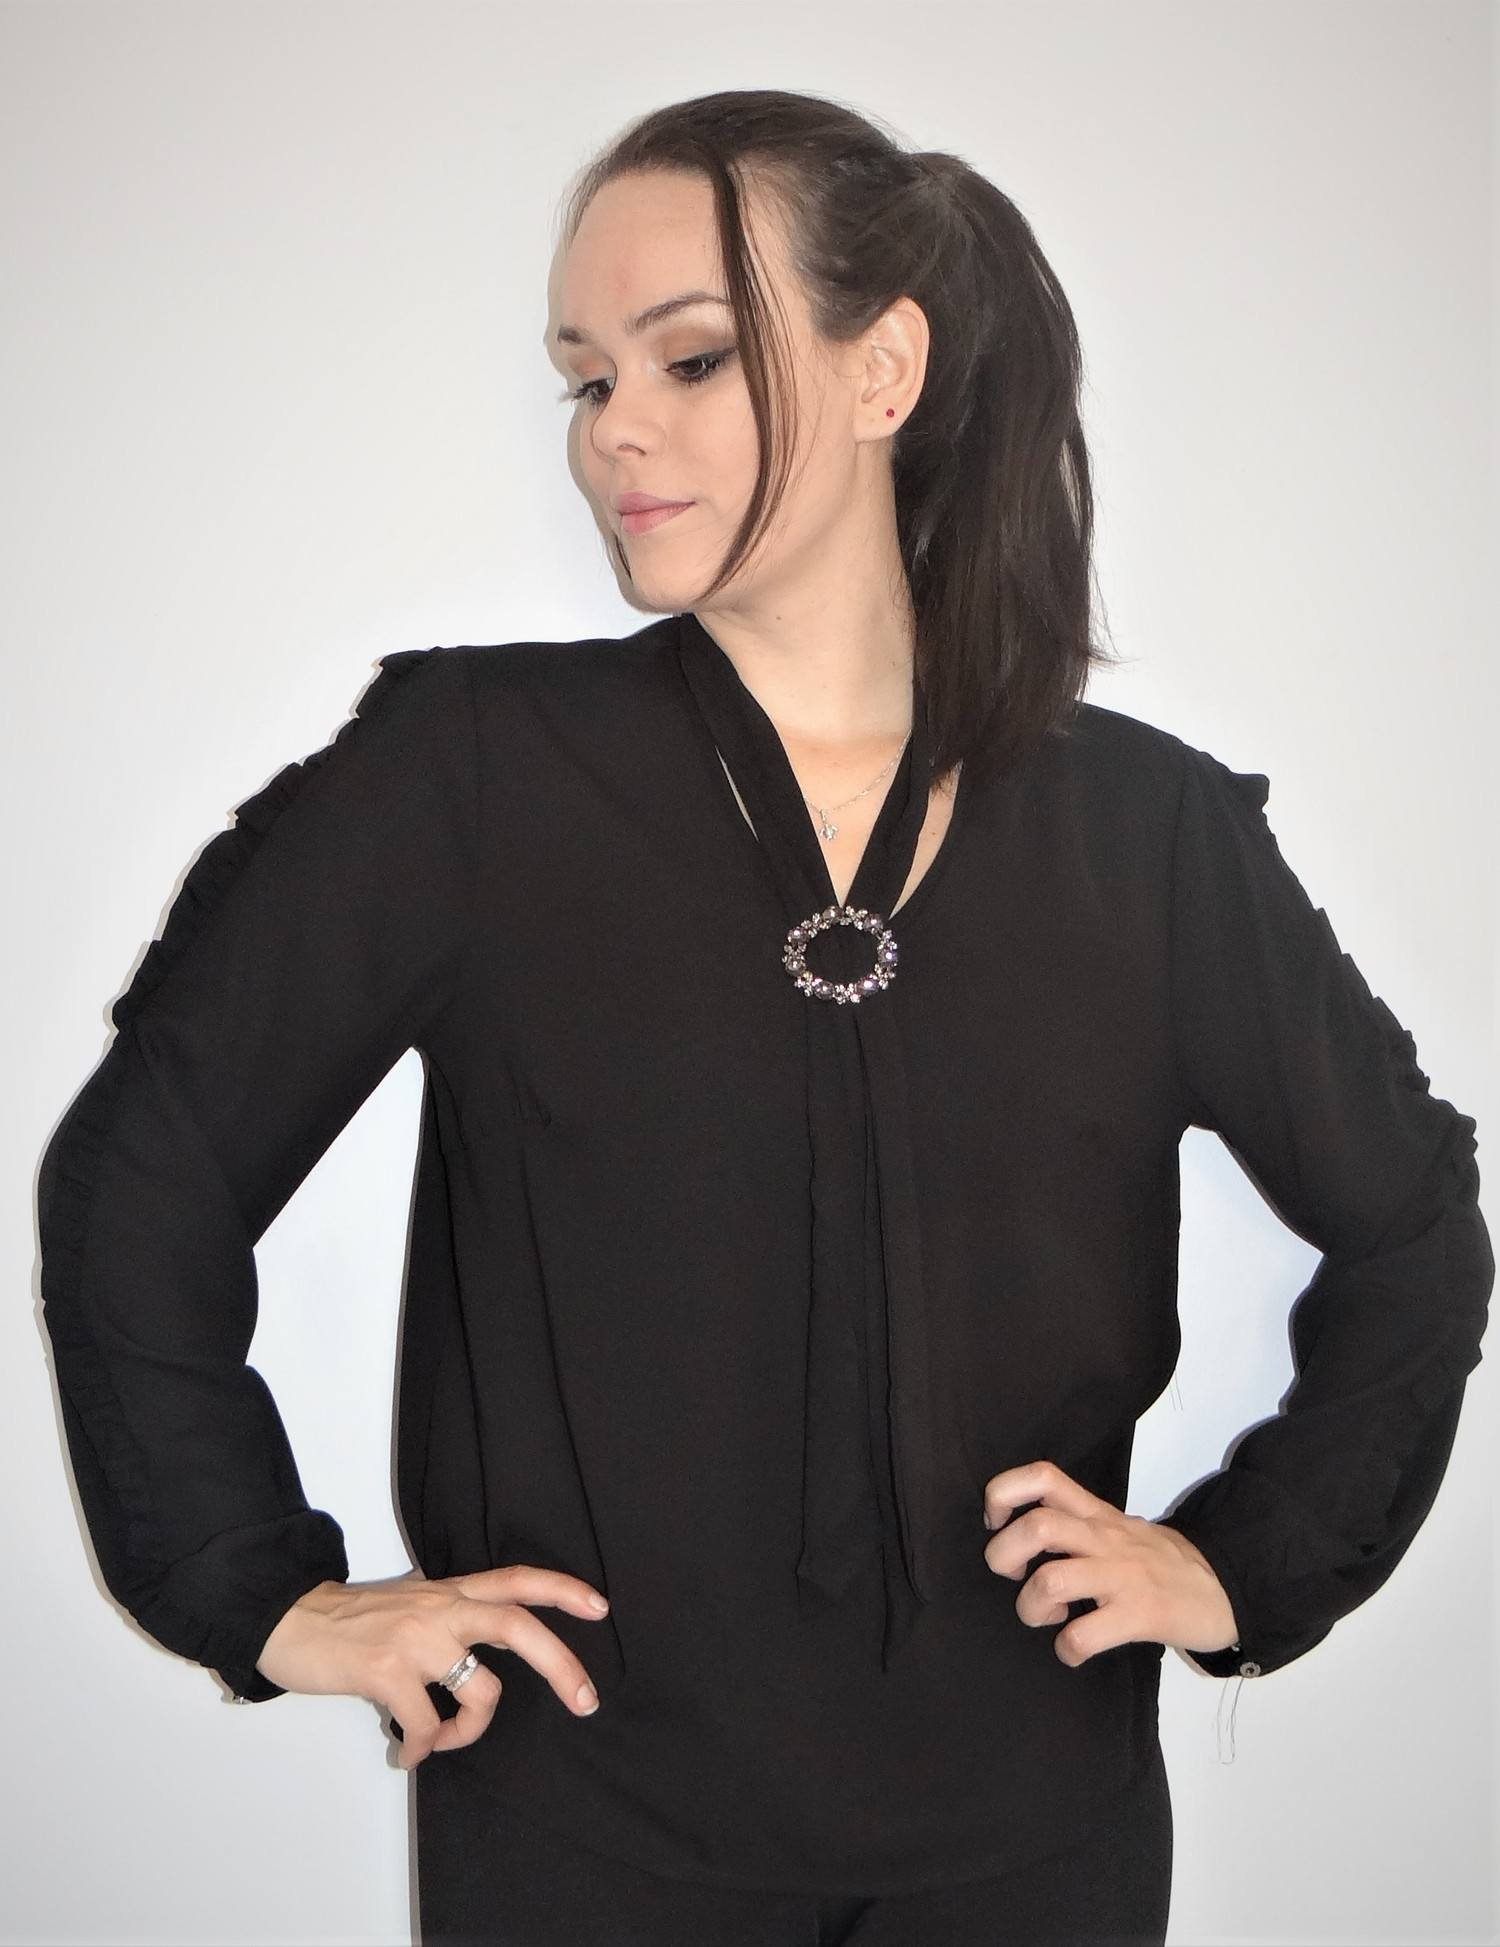 Blusa Feminina Social Trabalho Detalhe Pedraria